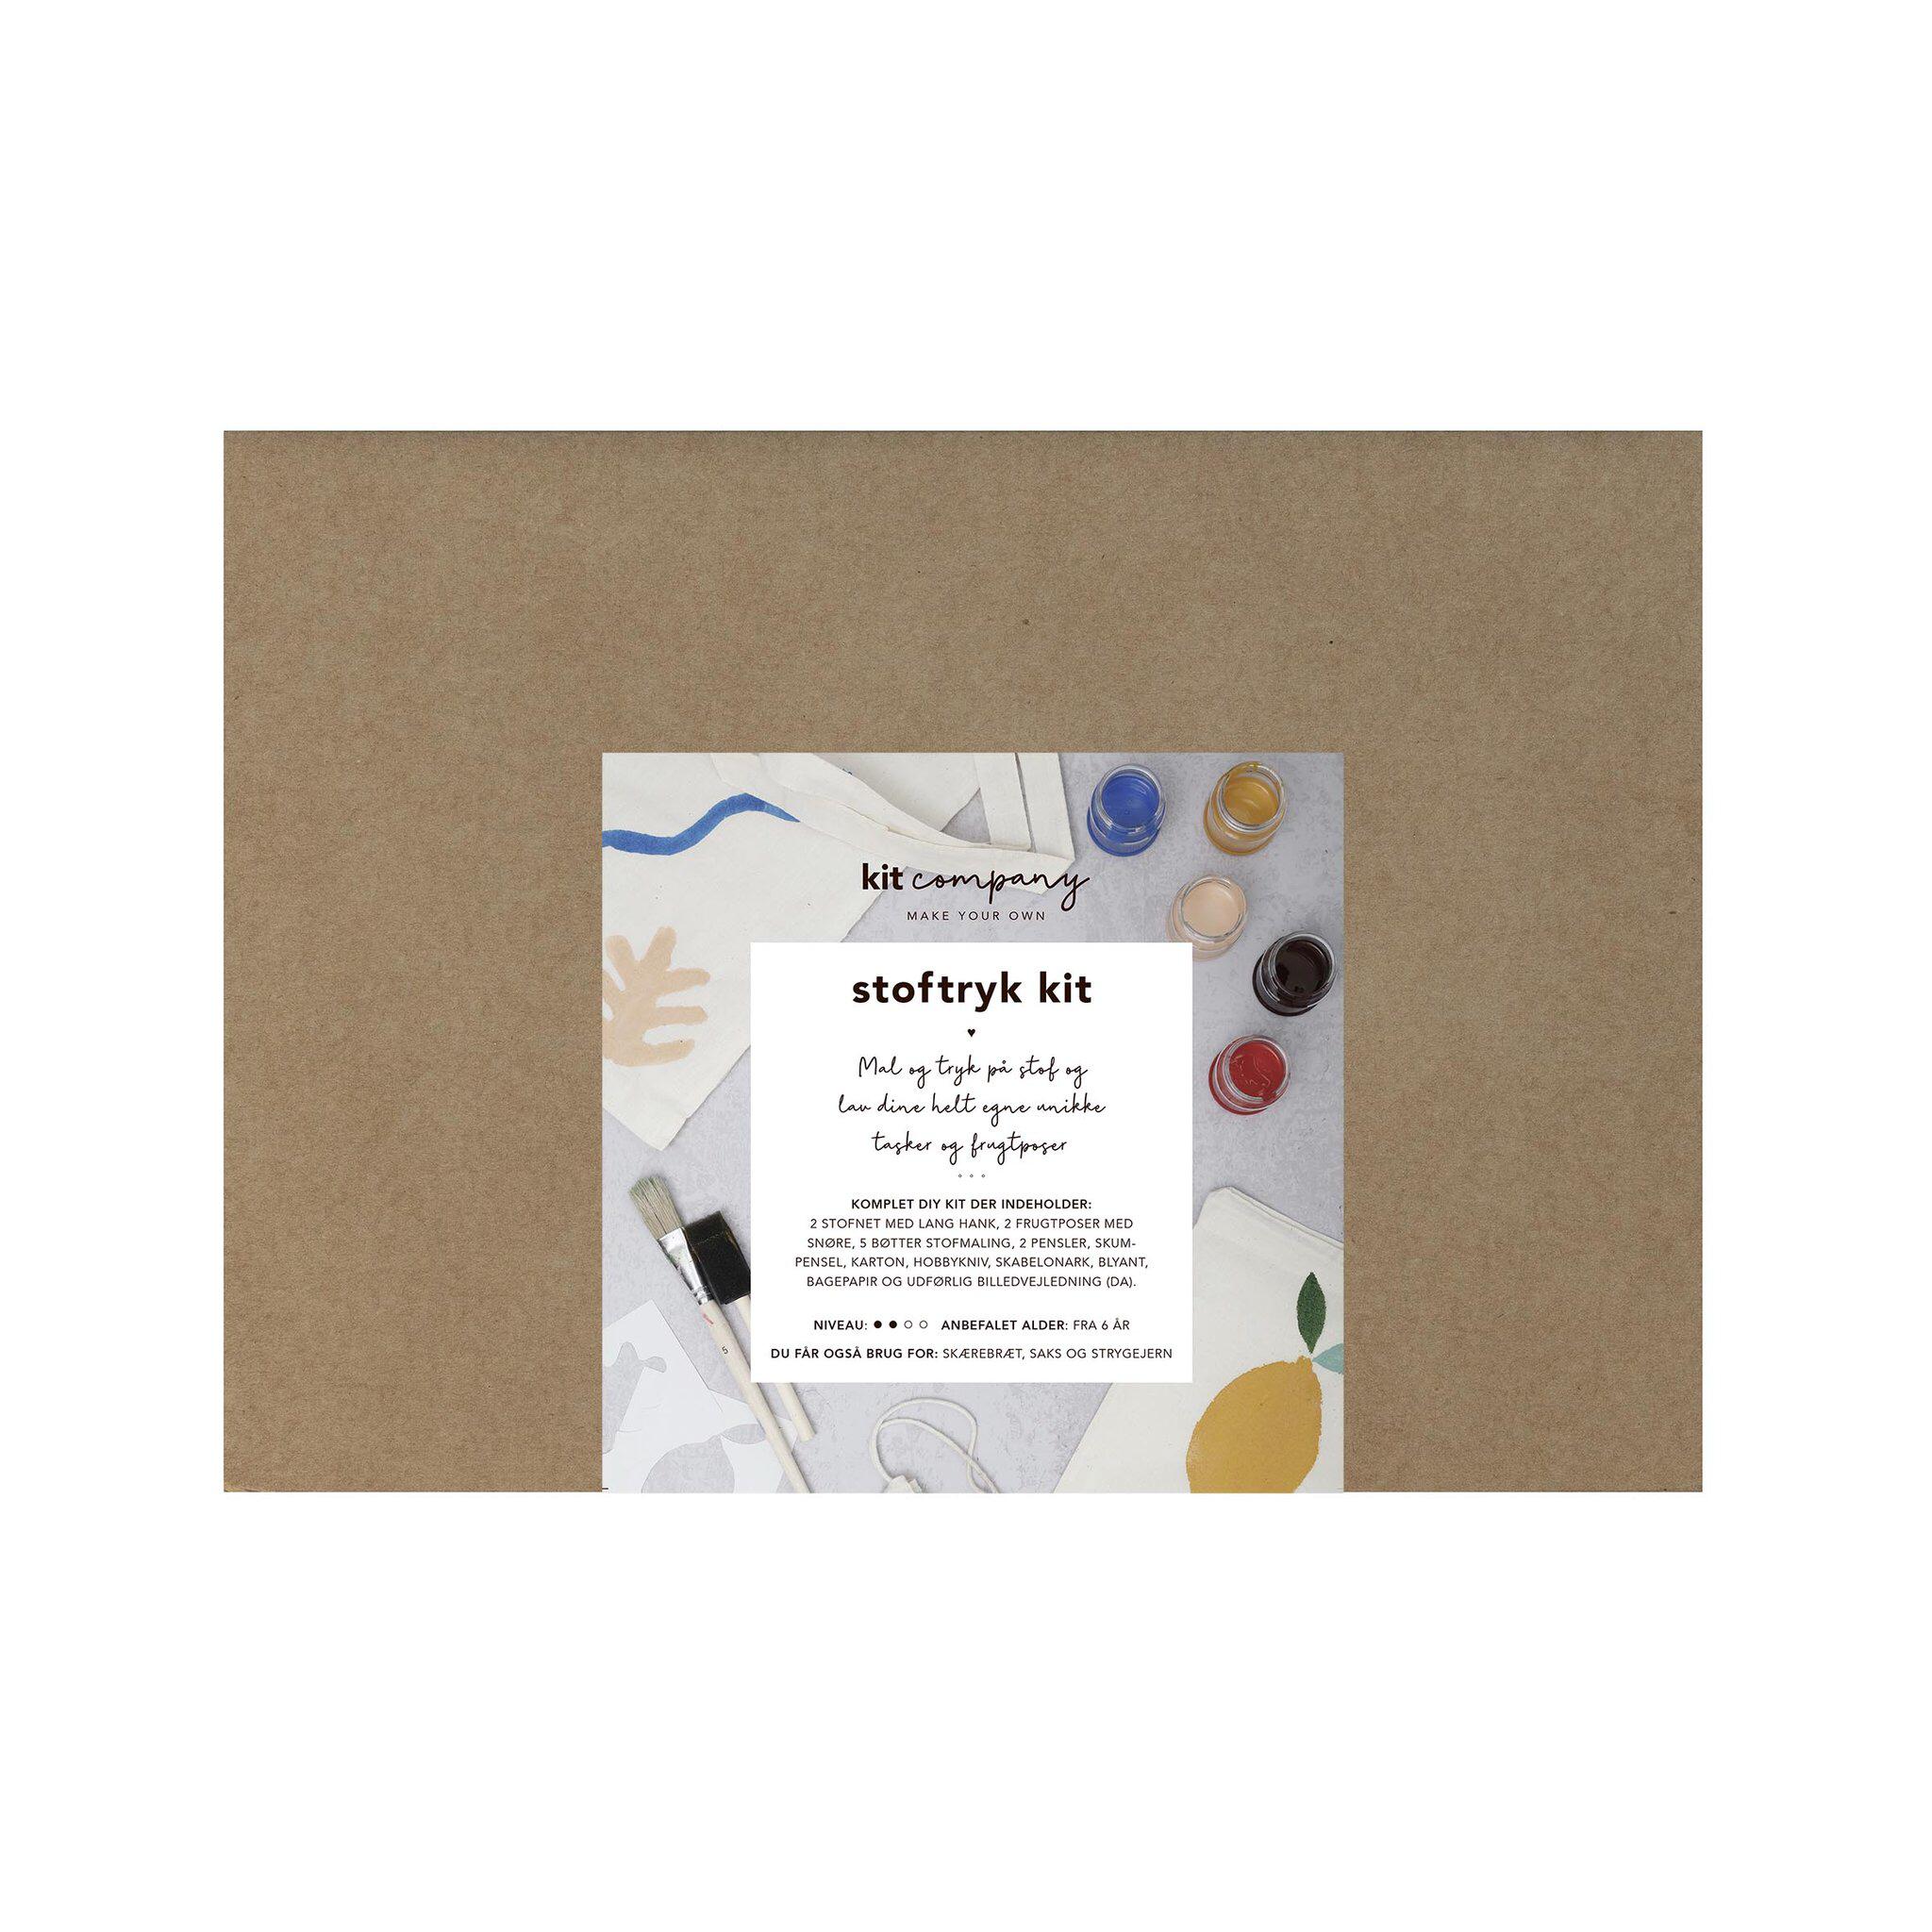 Stoftryk kit